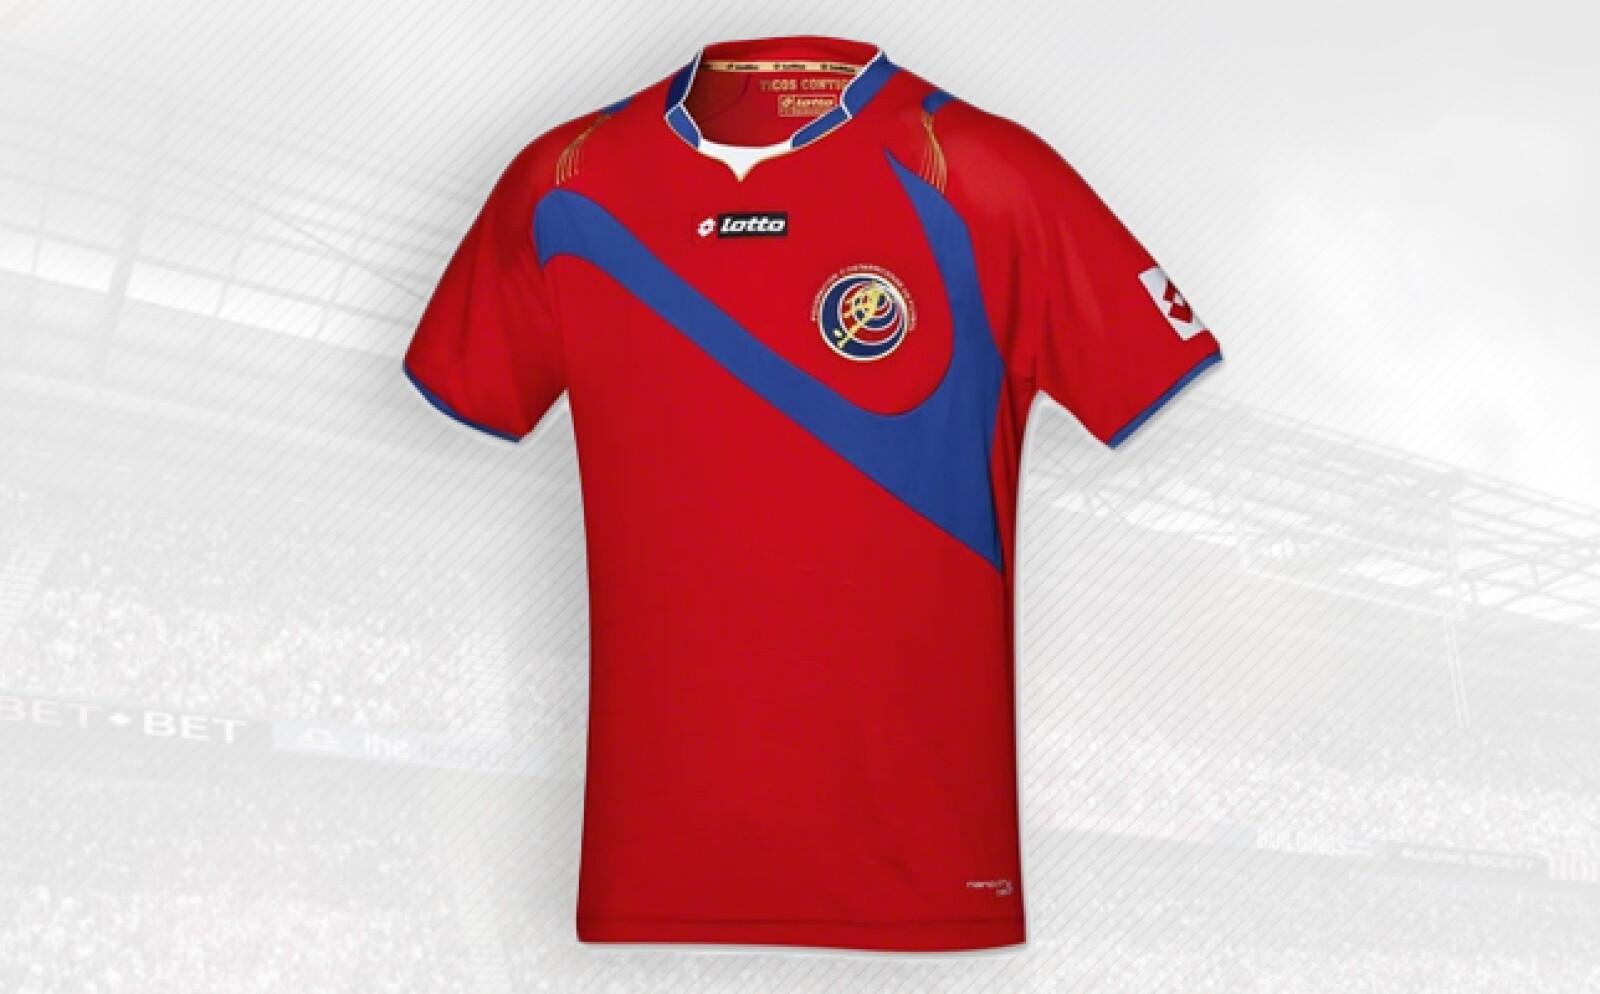 La escuadra centroamericana es la única selección de la italiana Lotto.